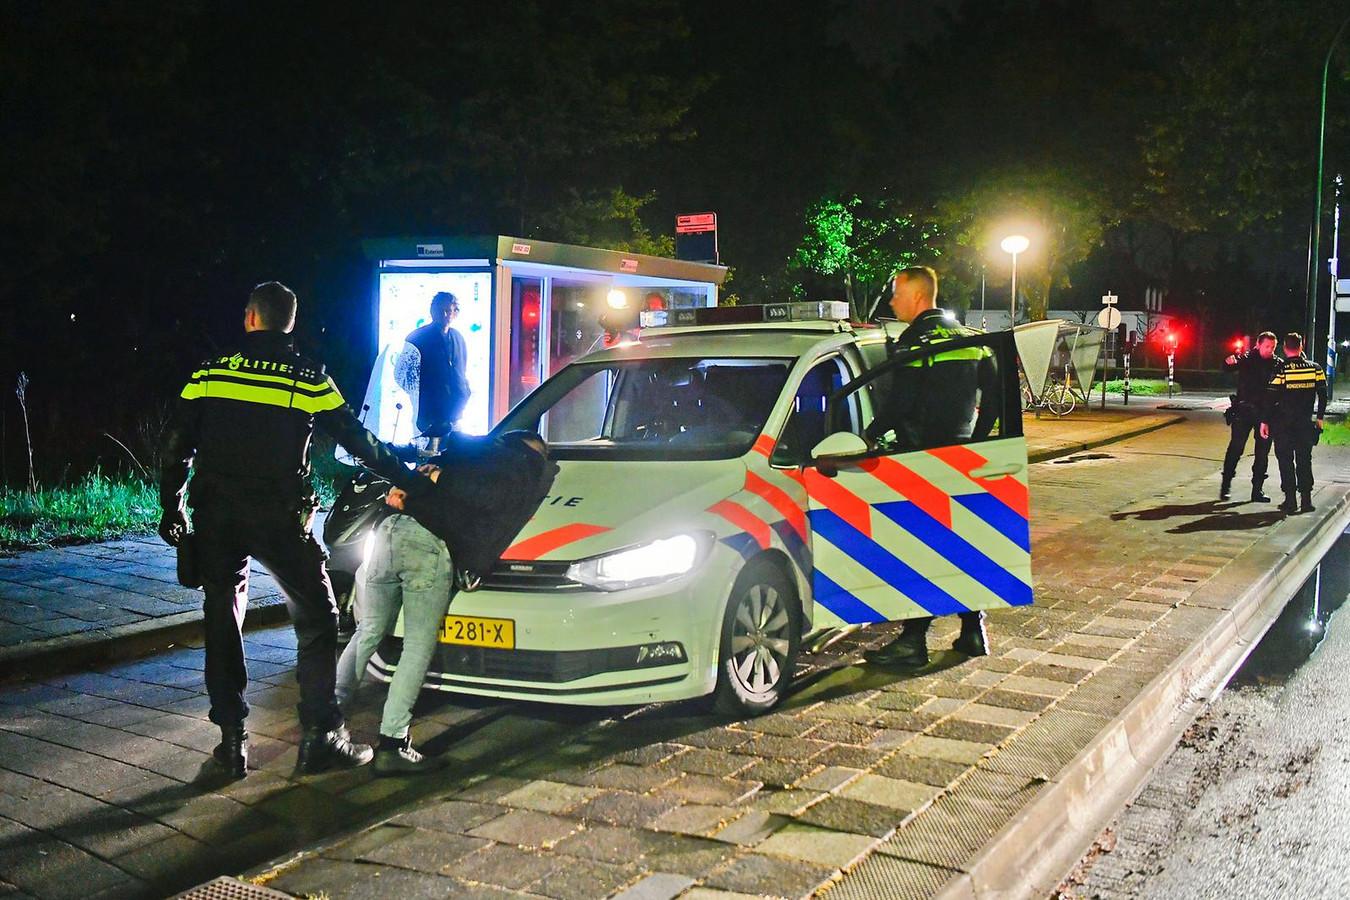 Kort na een bloedige overval in Valkenswaard in mei zag een agent twee knullen verdacht bezig bij een bushokje aan de  Eindhovenseweg. Een van hen liet een masker vallen dat ze net hadden gebruikt en hij had ook een bebloed mes bij zich. Ze gingen in de boeien.  Een derde dader, de bedenker, wist weg te komen maar werd later opgepakt en bleek 14 jaar.